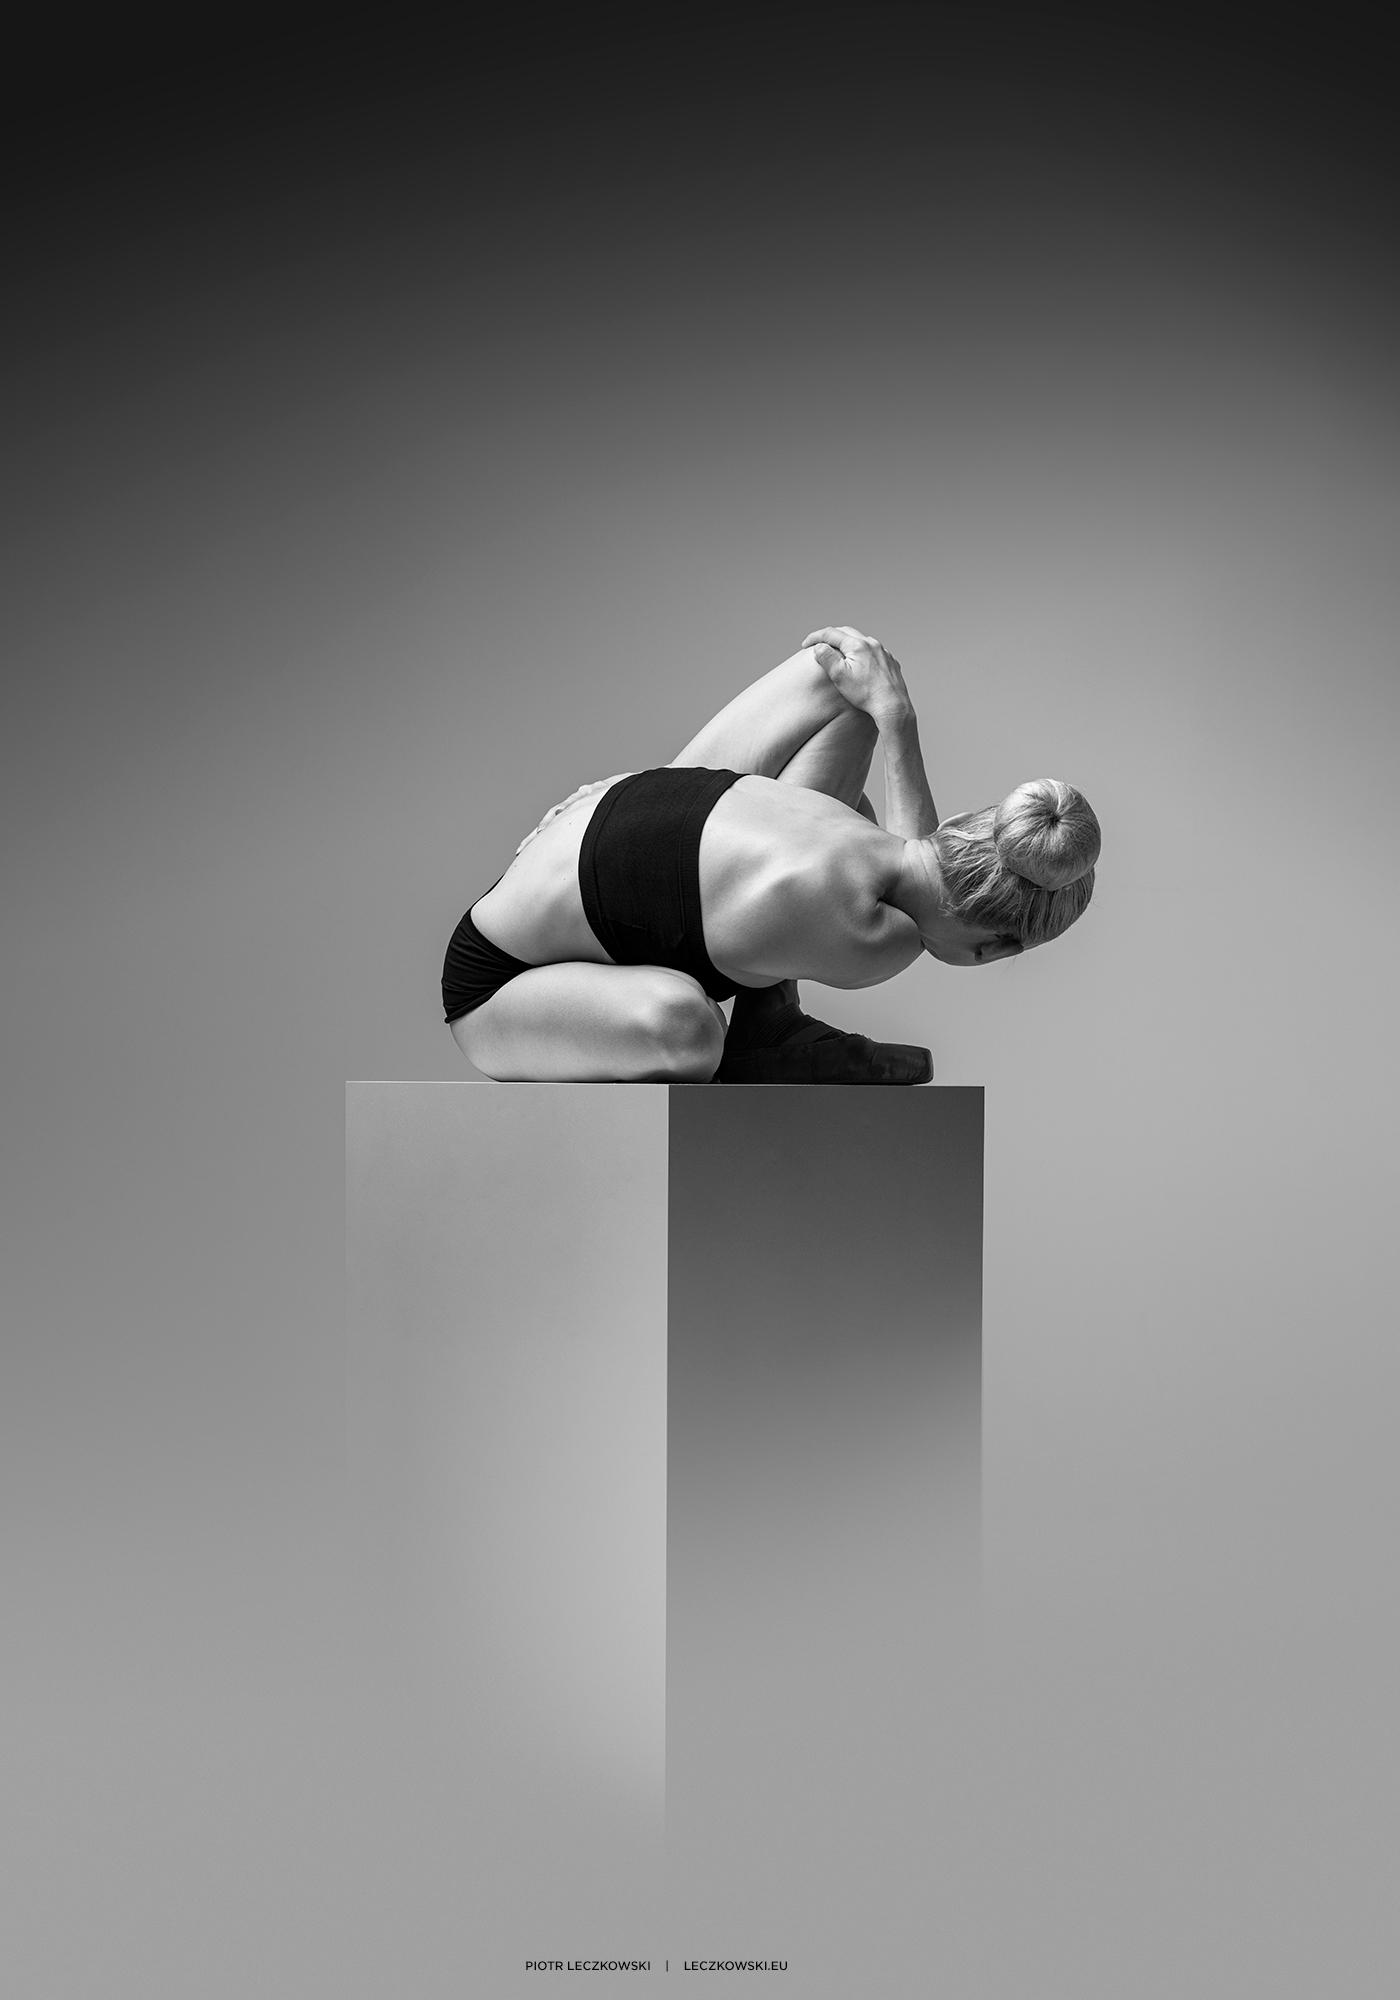 Above - by Piotr Leczkowski